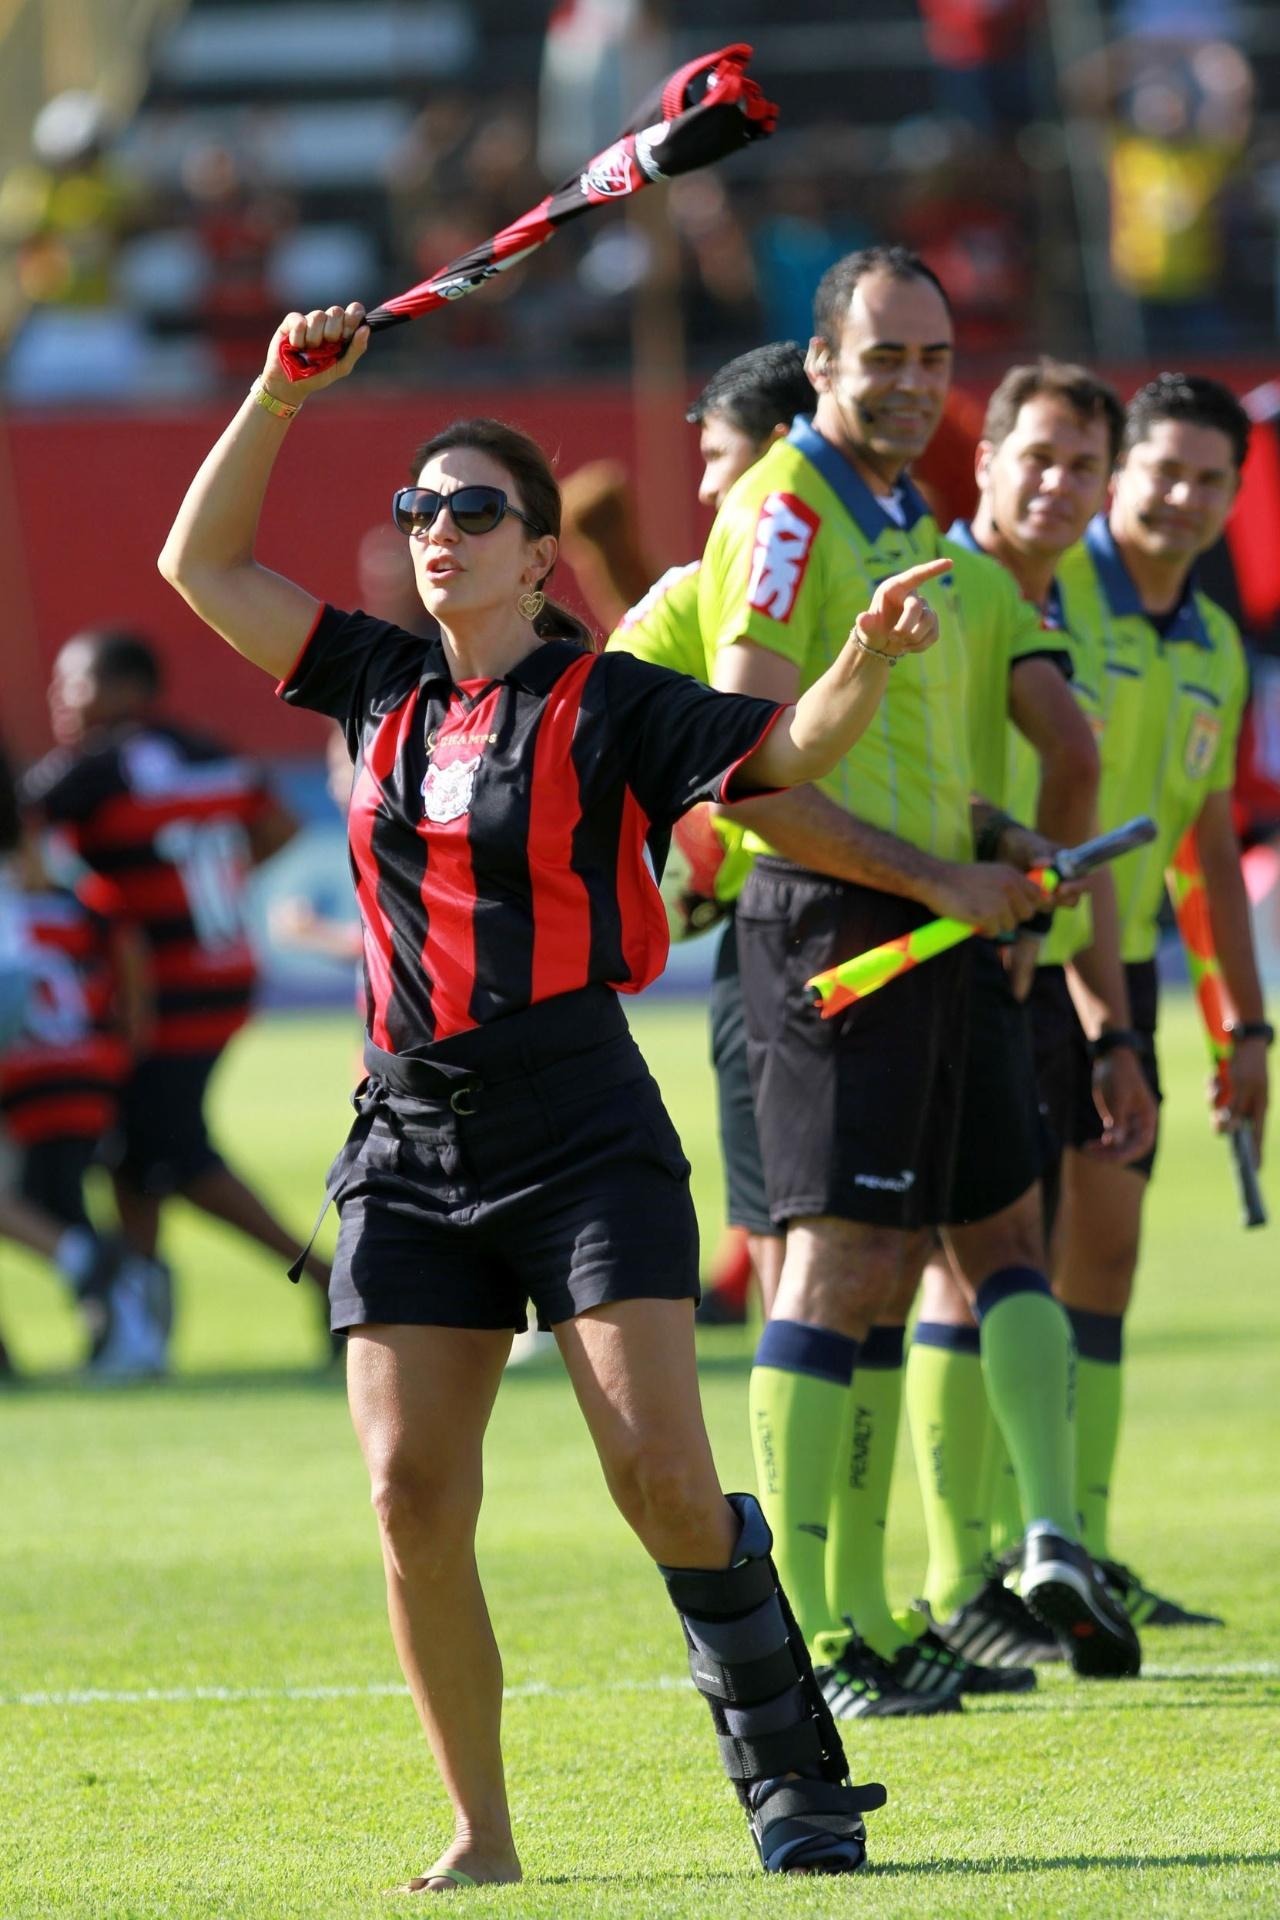 Ivete Sangalo faz a festa no Barradão antes do jogo entre Vitória e Ceará pela Série B do Brasileirão